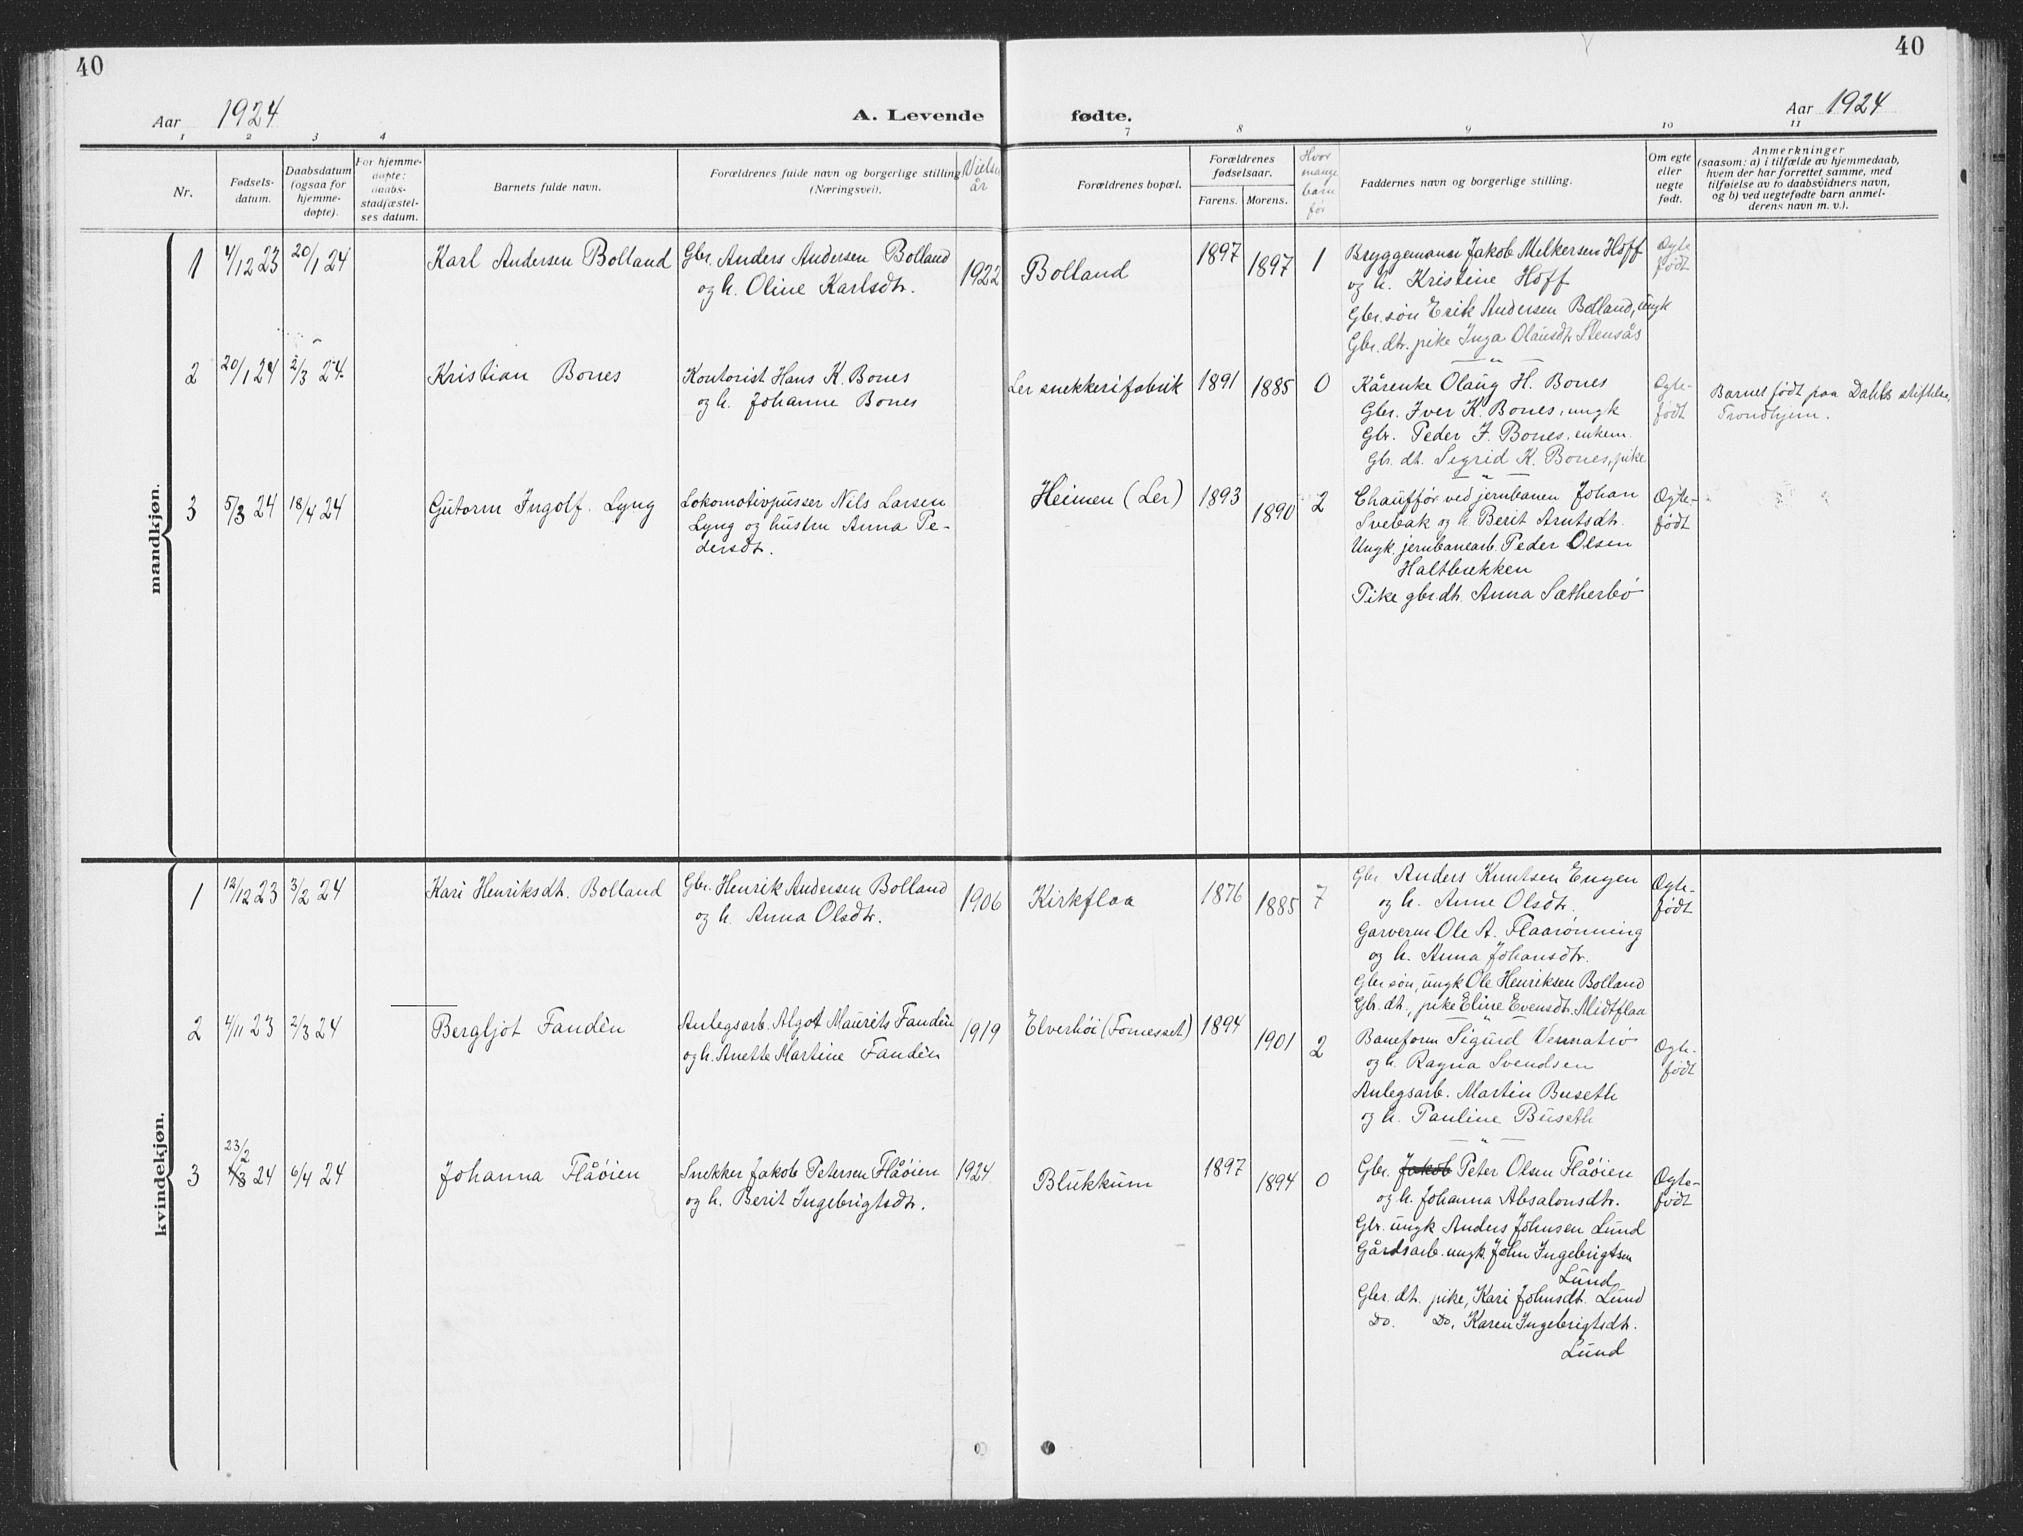 SAT, Ministerialprotokoller, klokkerbøker og fødselsregistre - Sør-Trøndelag, 693/L1124: Klokkerbok nr. 693C05, 1911-1941, s. 40